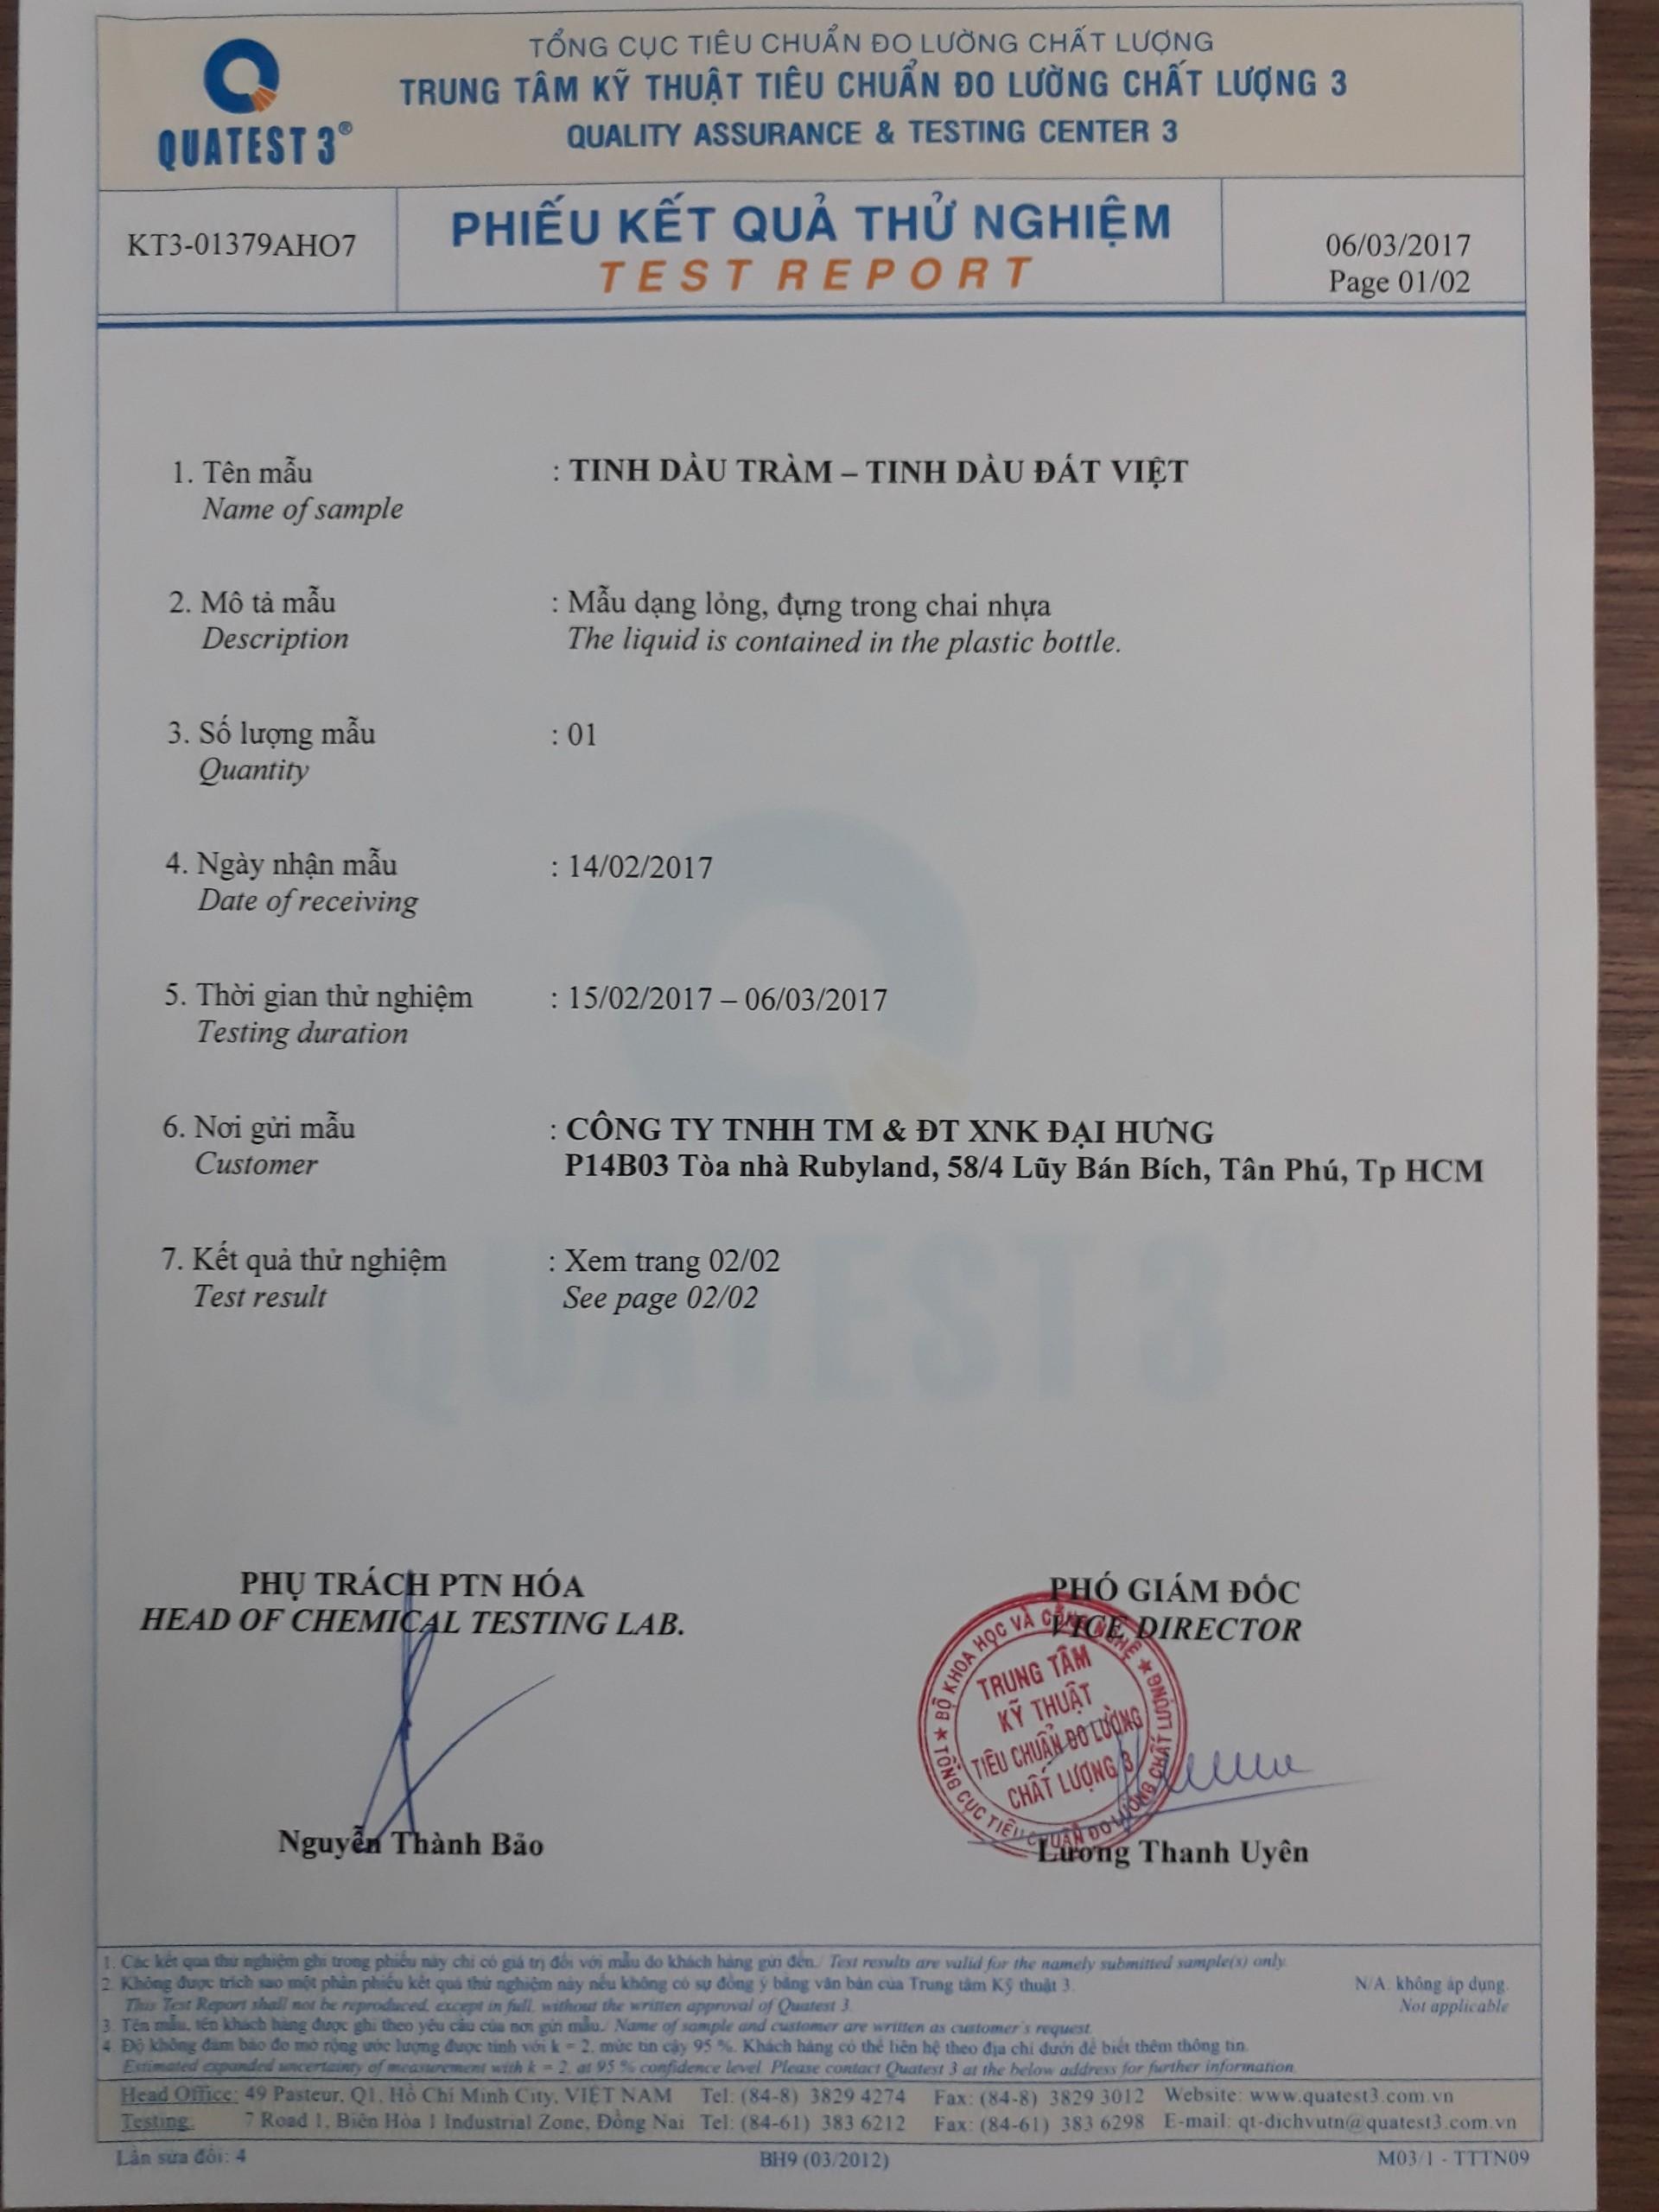 Phiếu kết quả thử nghiệm sản phẩm tinh dầu tràmđất việt - Ảnh 1